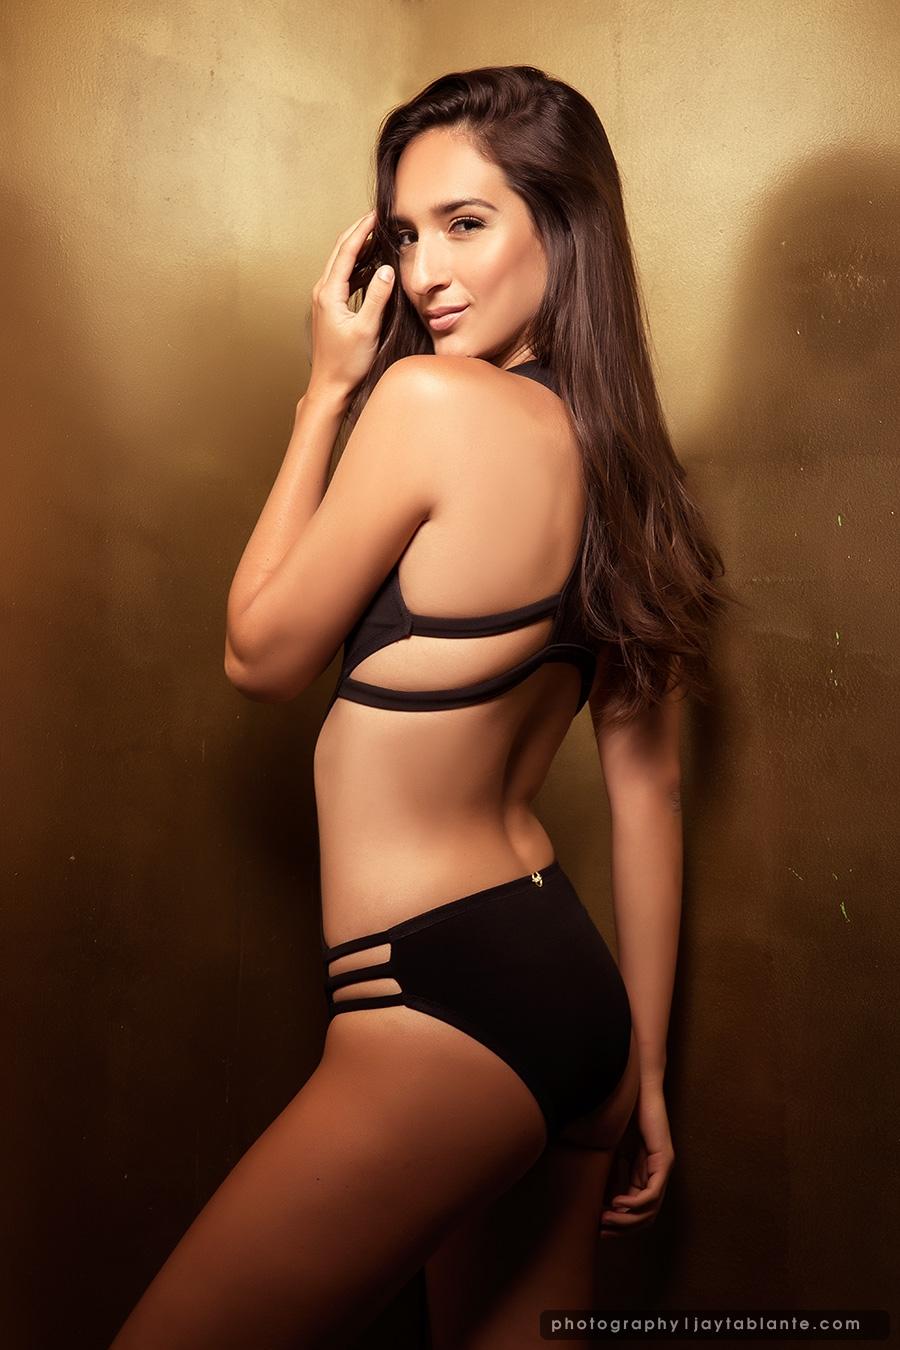 Model Portfolio: Claudia